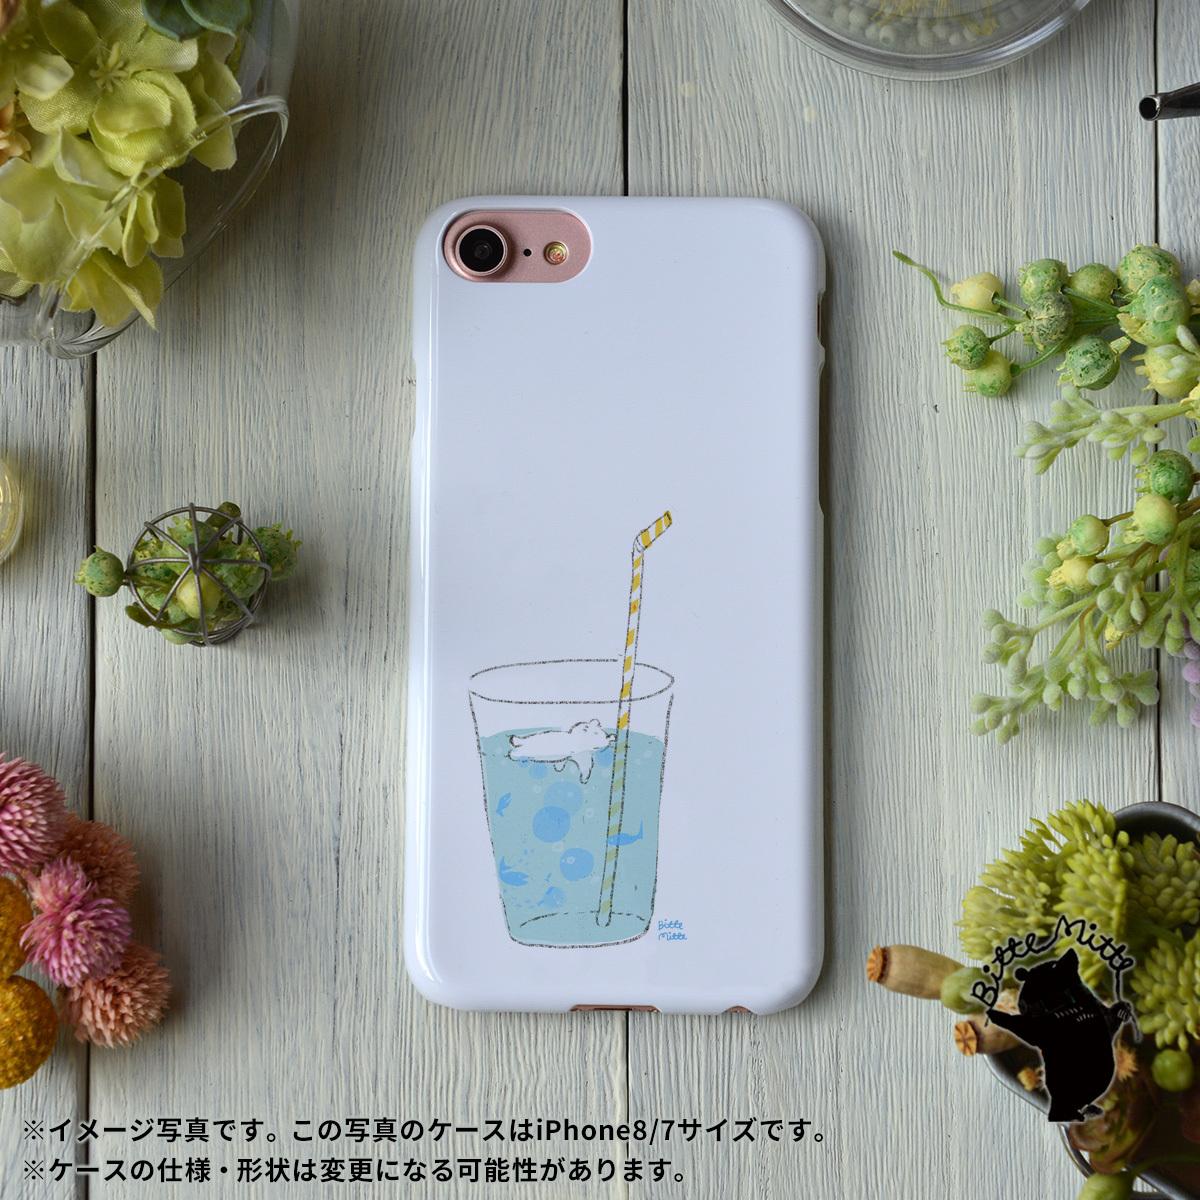 iphone8 ハードケース おしゃれ iphone8 ハードケース シンプル iphone7 ケース かわいい 夏 しろくま シロクマ サイダーでひとやすみ/Bitte Mitte!